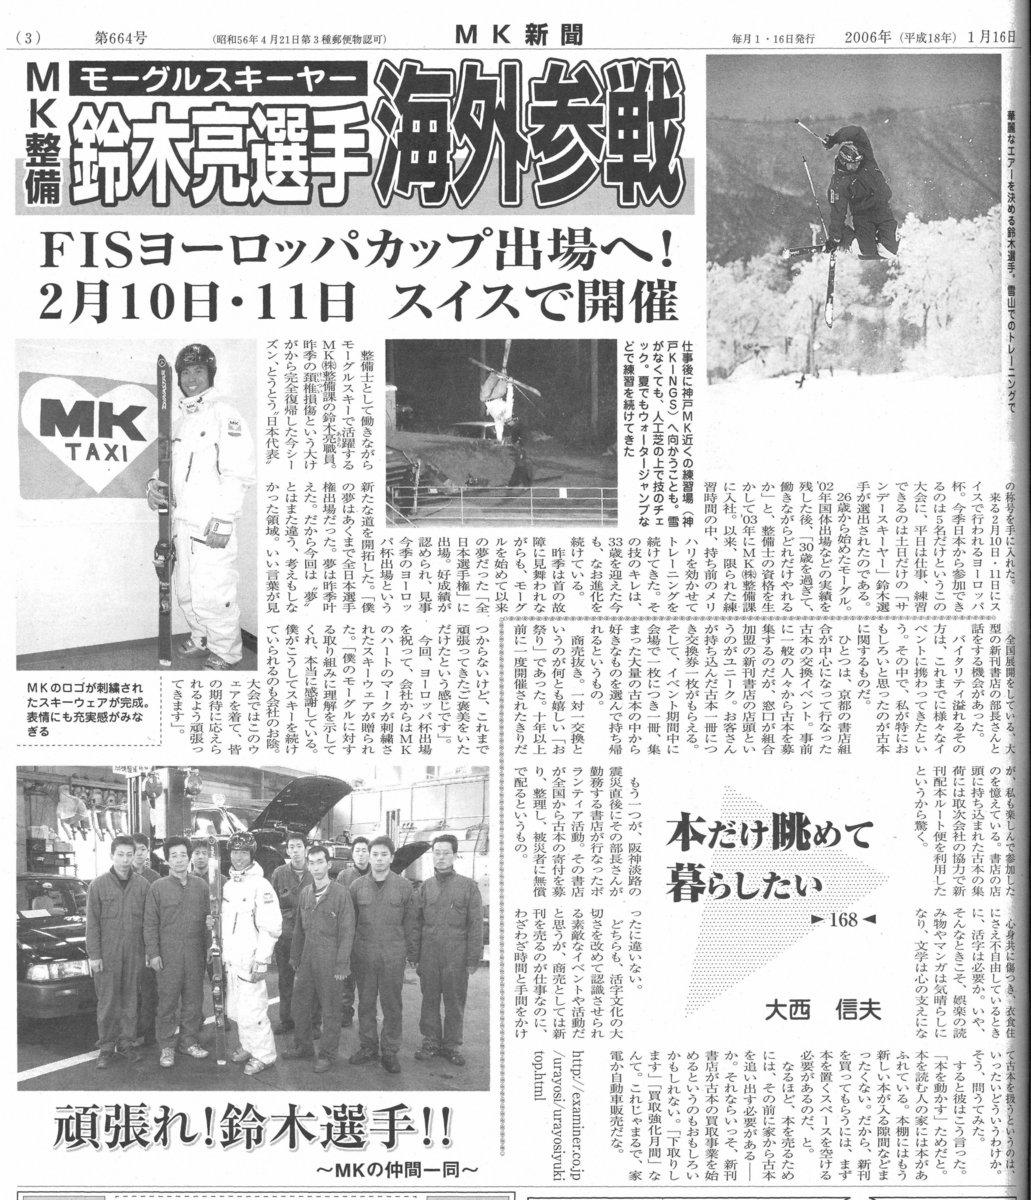 MK新聞2006年1月16日号